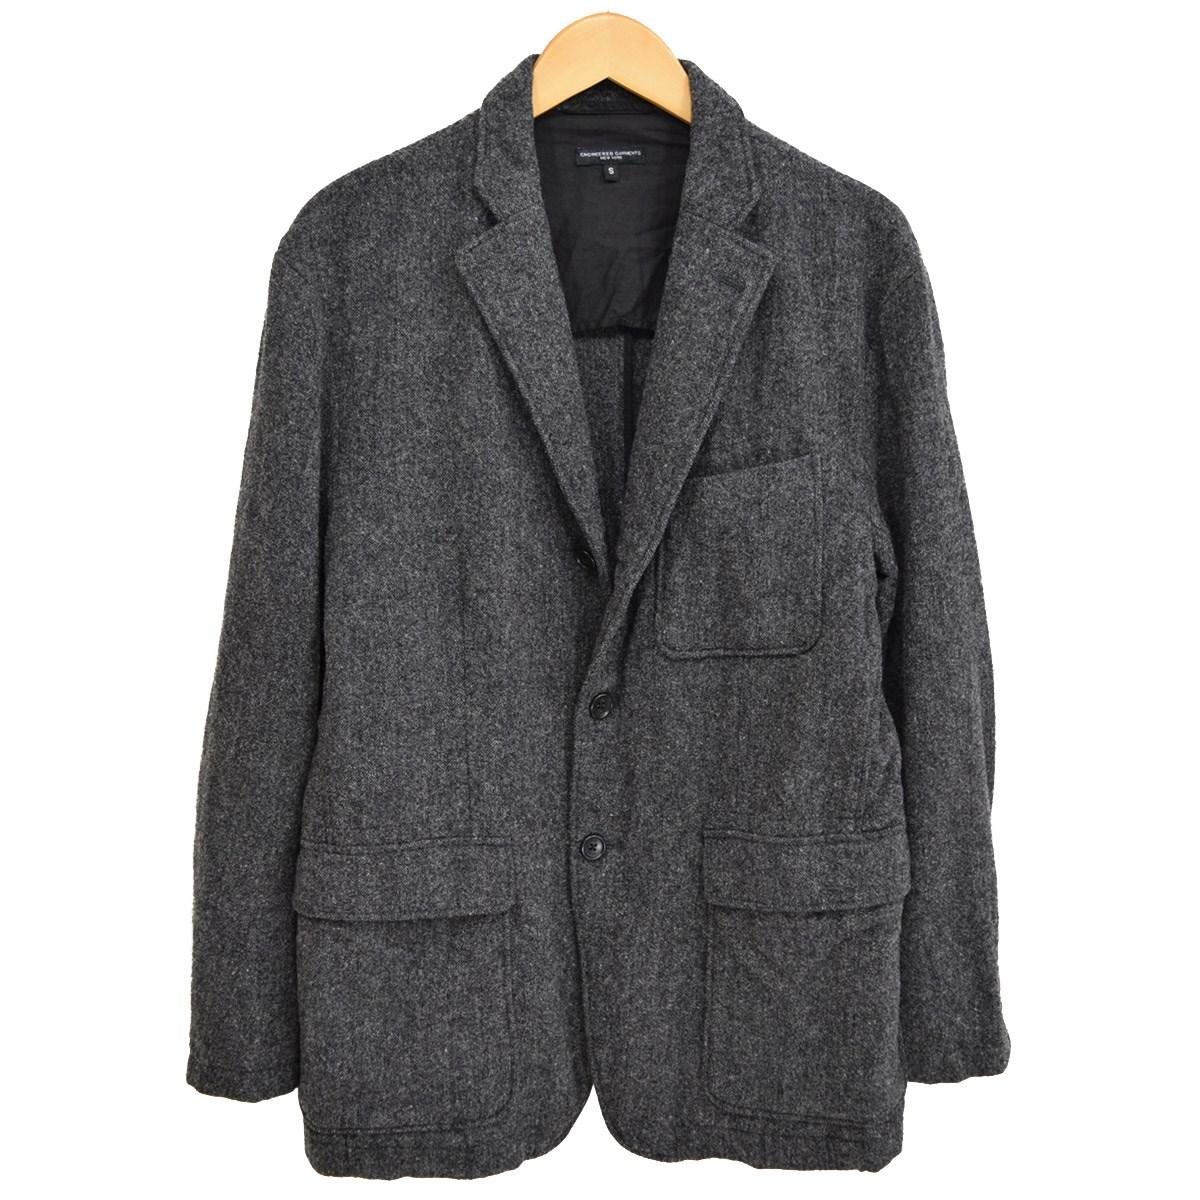 【中古】Engineered Garments Baker Jacket ベイカージャケット グレー サイズ:S 【271019】(エンジニアードガーメンツ)